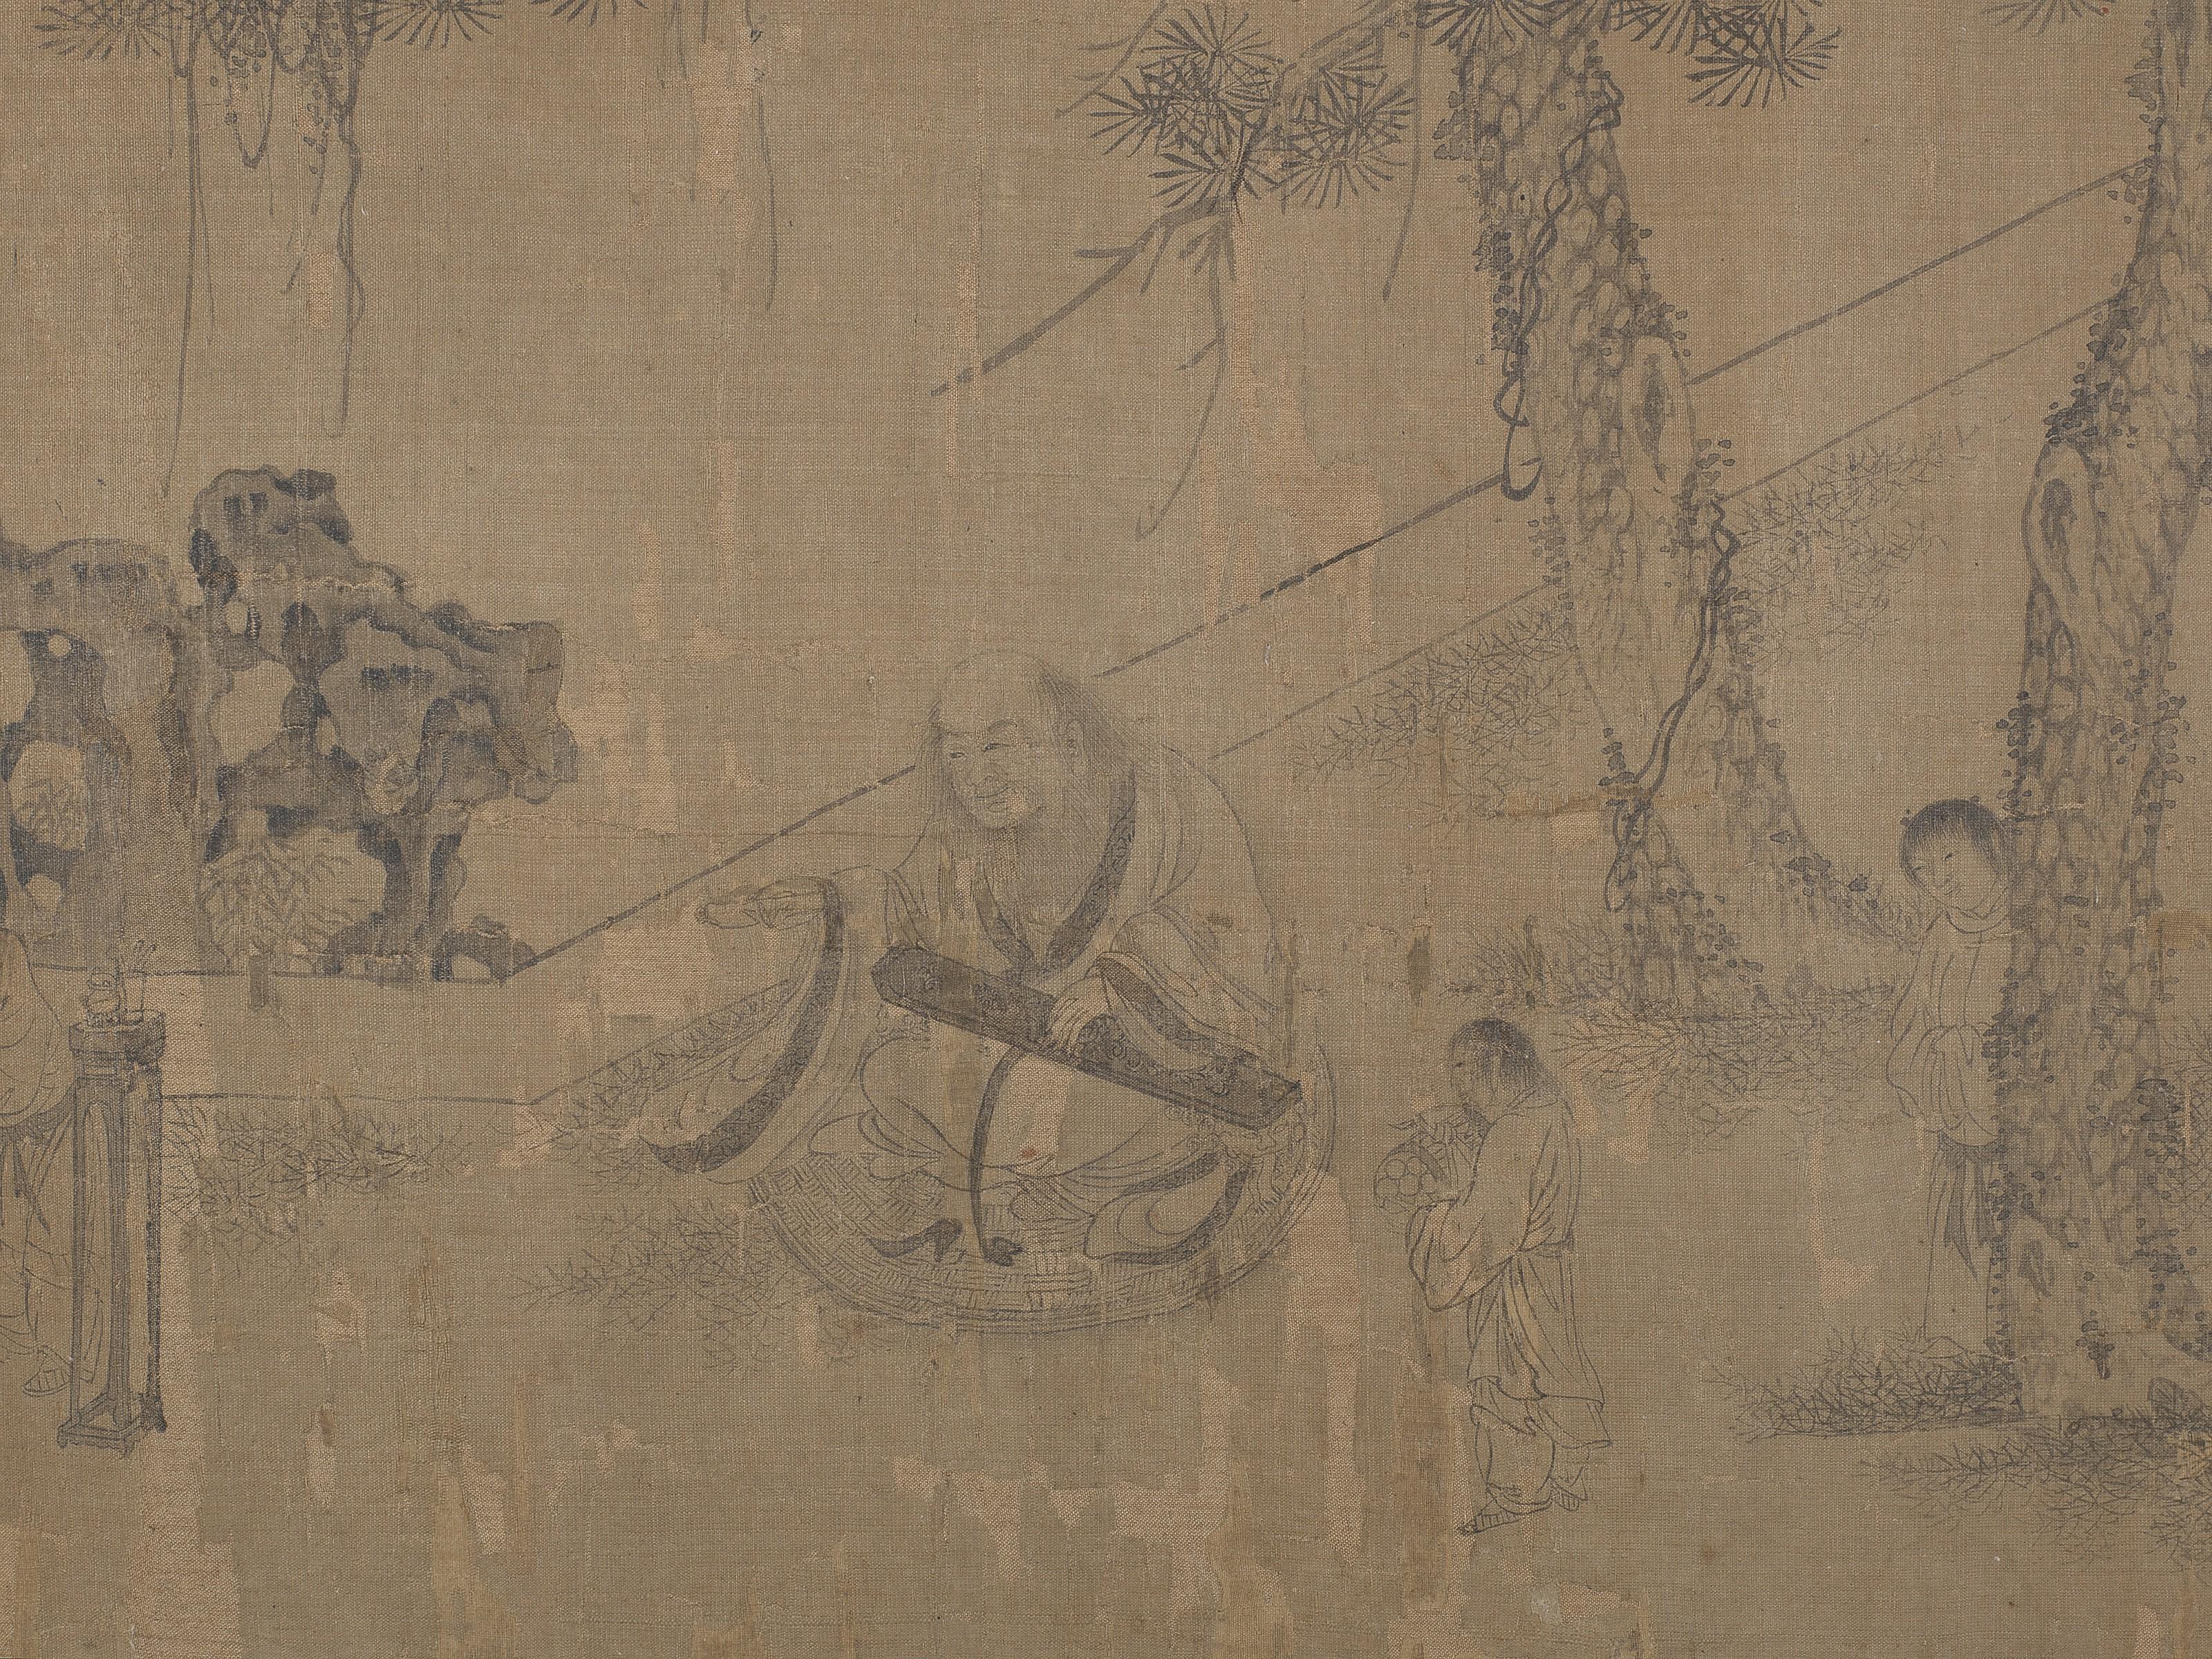 Lienzo con firmas de Li Gonglin Zhao Mengfu.